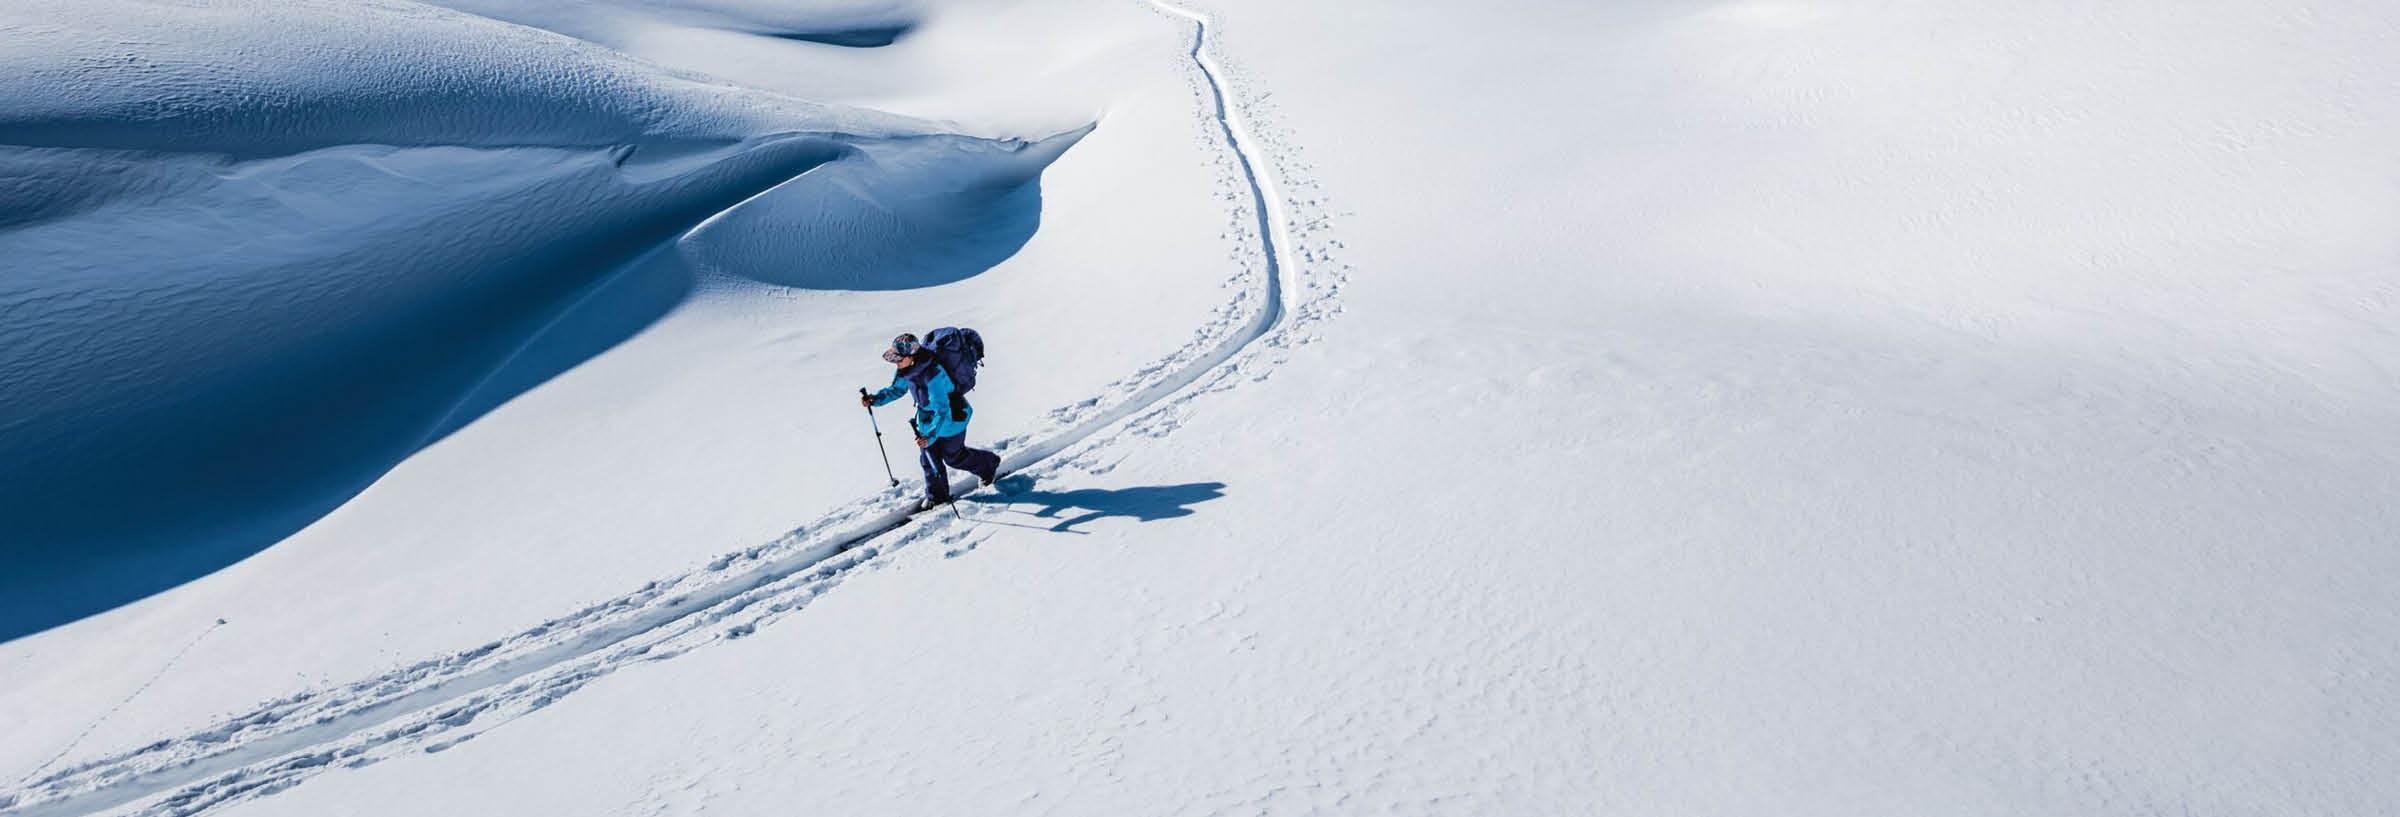 Patagonia Winter 2019/20